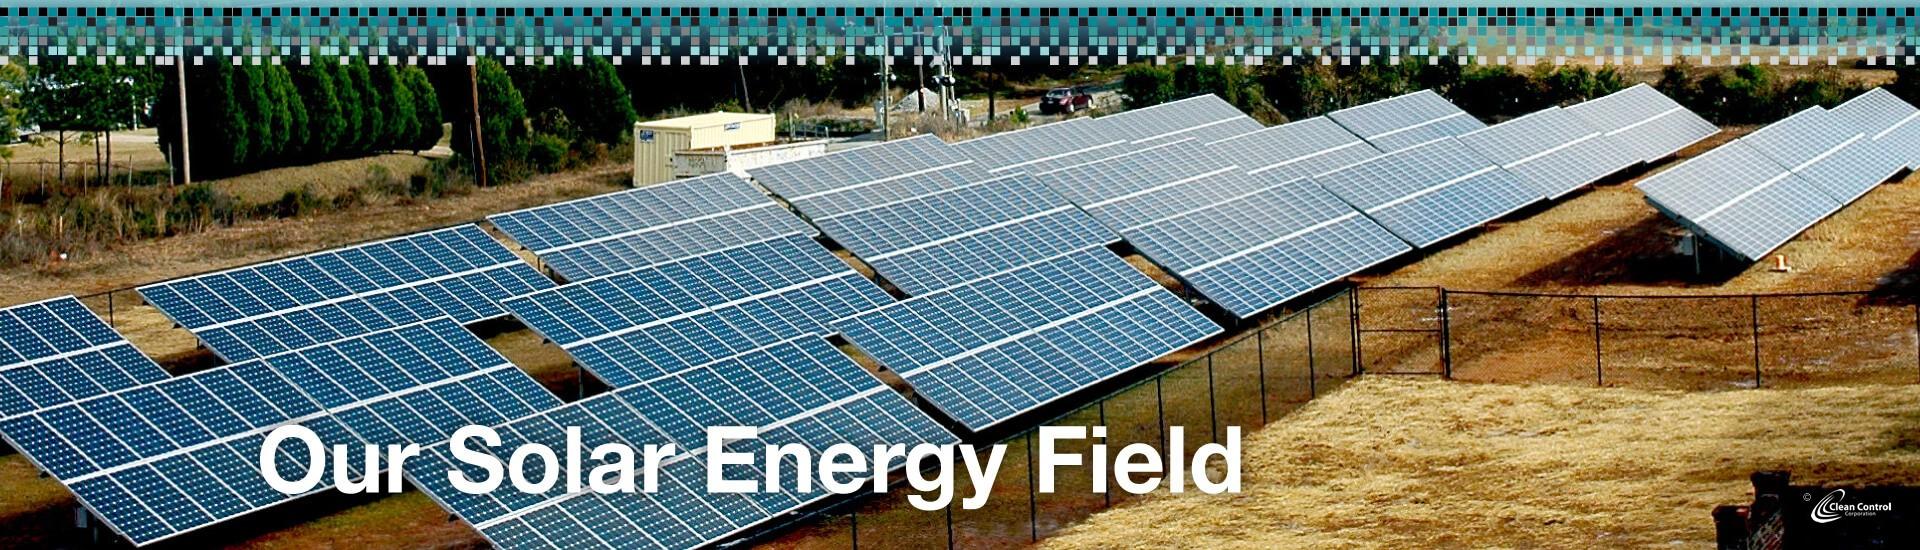 Our Solar Energy Field